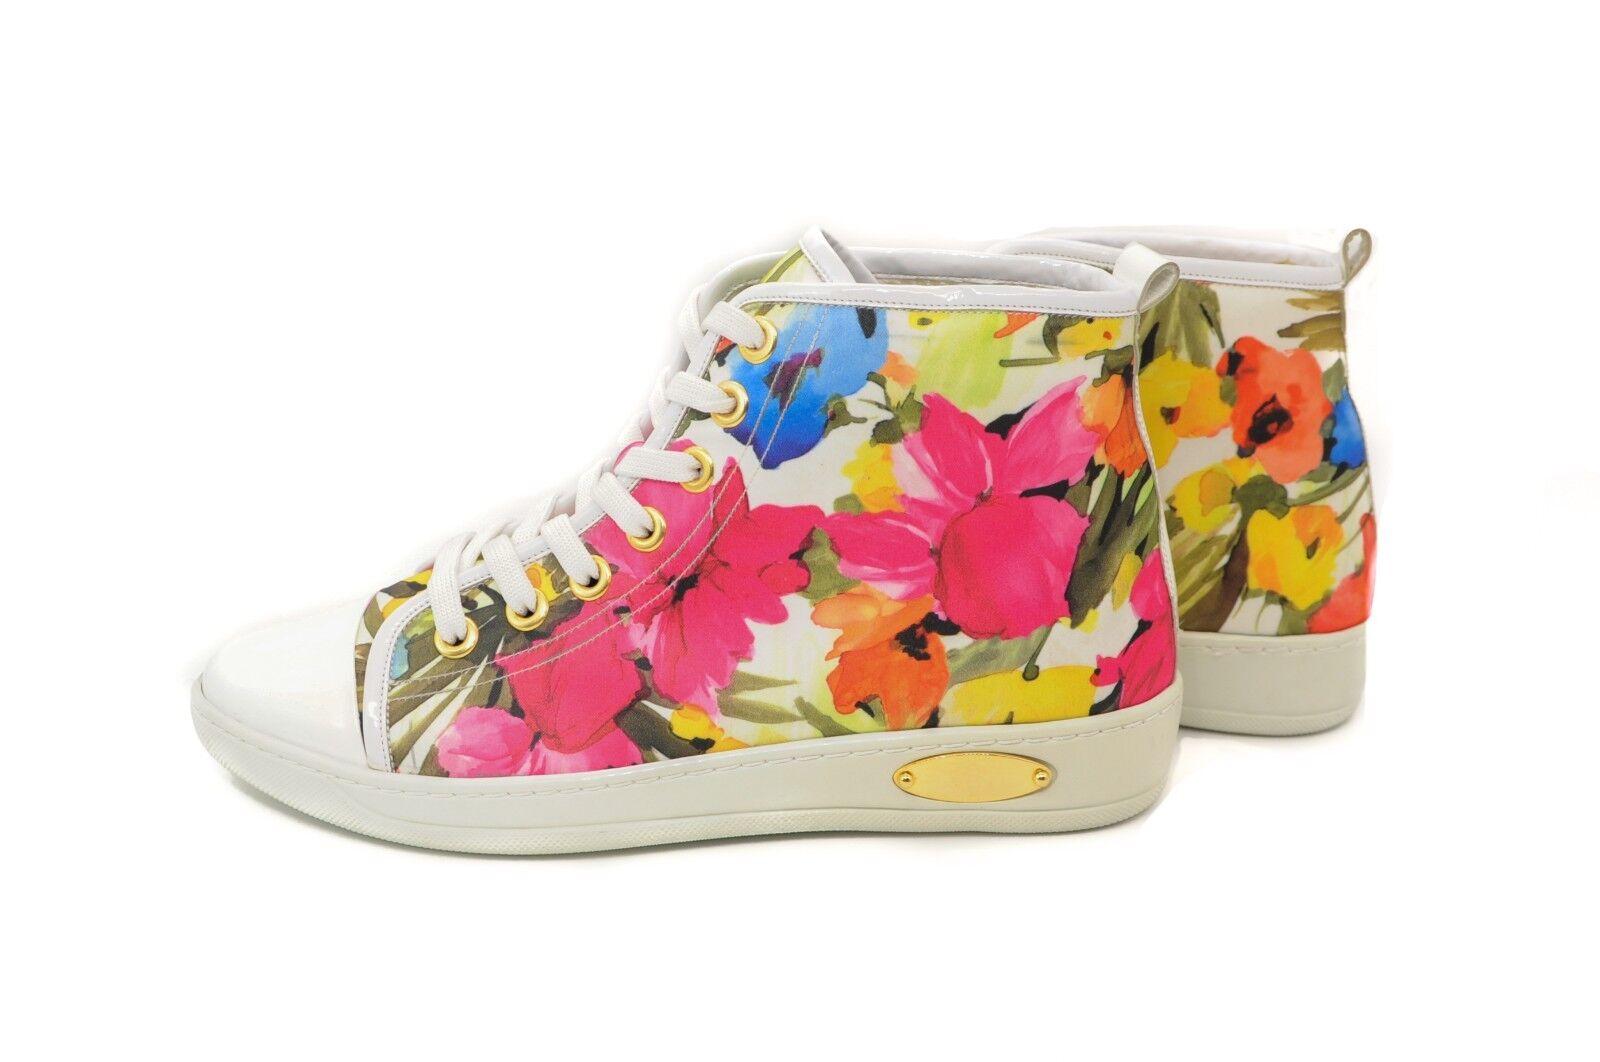 Goody2shoes Ladies' Floral Multi color Applique Trainer Pumps UK Unique Design